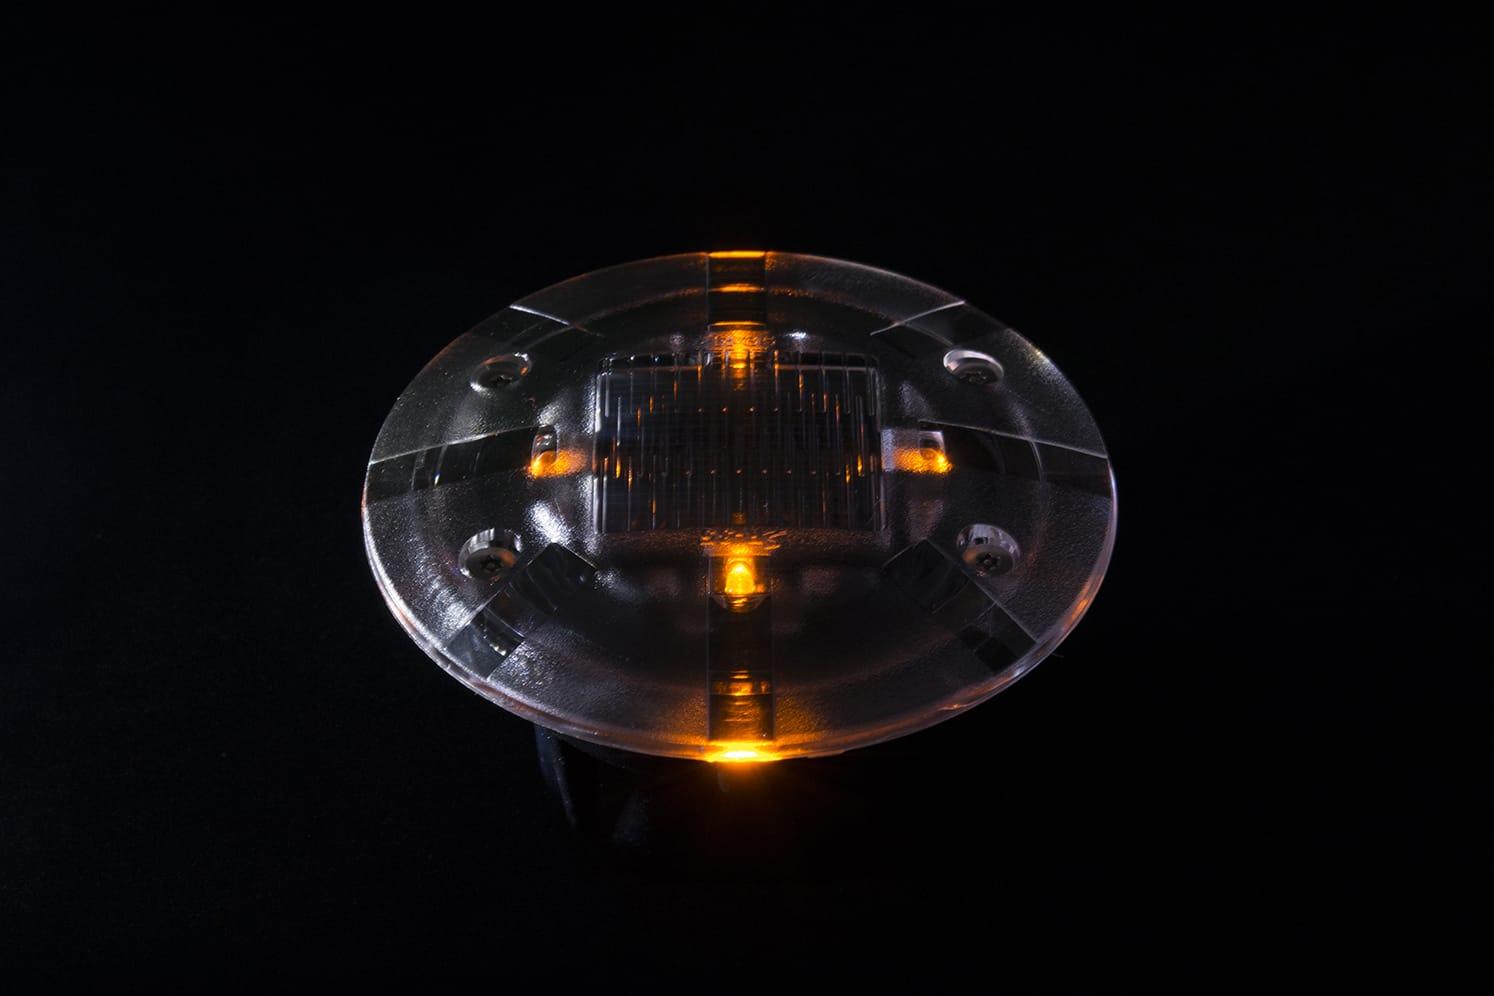 Plot LED solaire pietons velos ECO-35 ambre